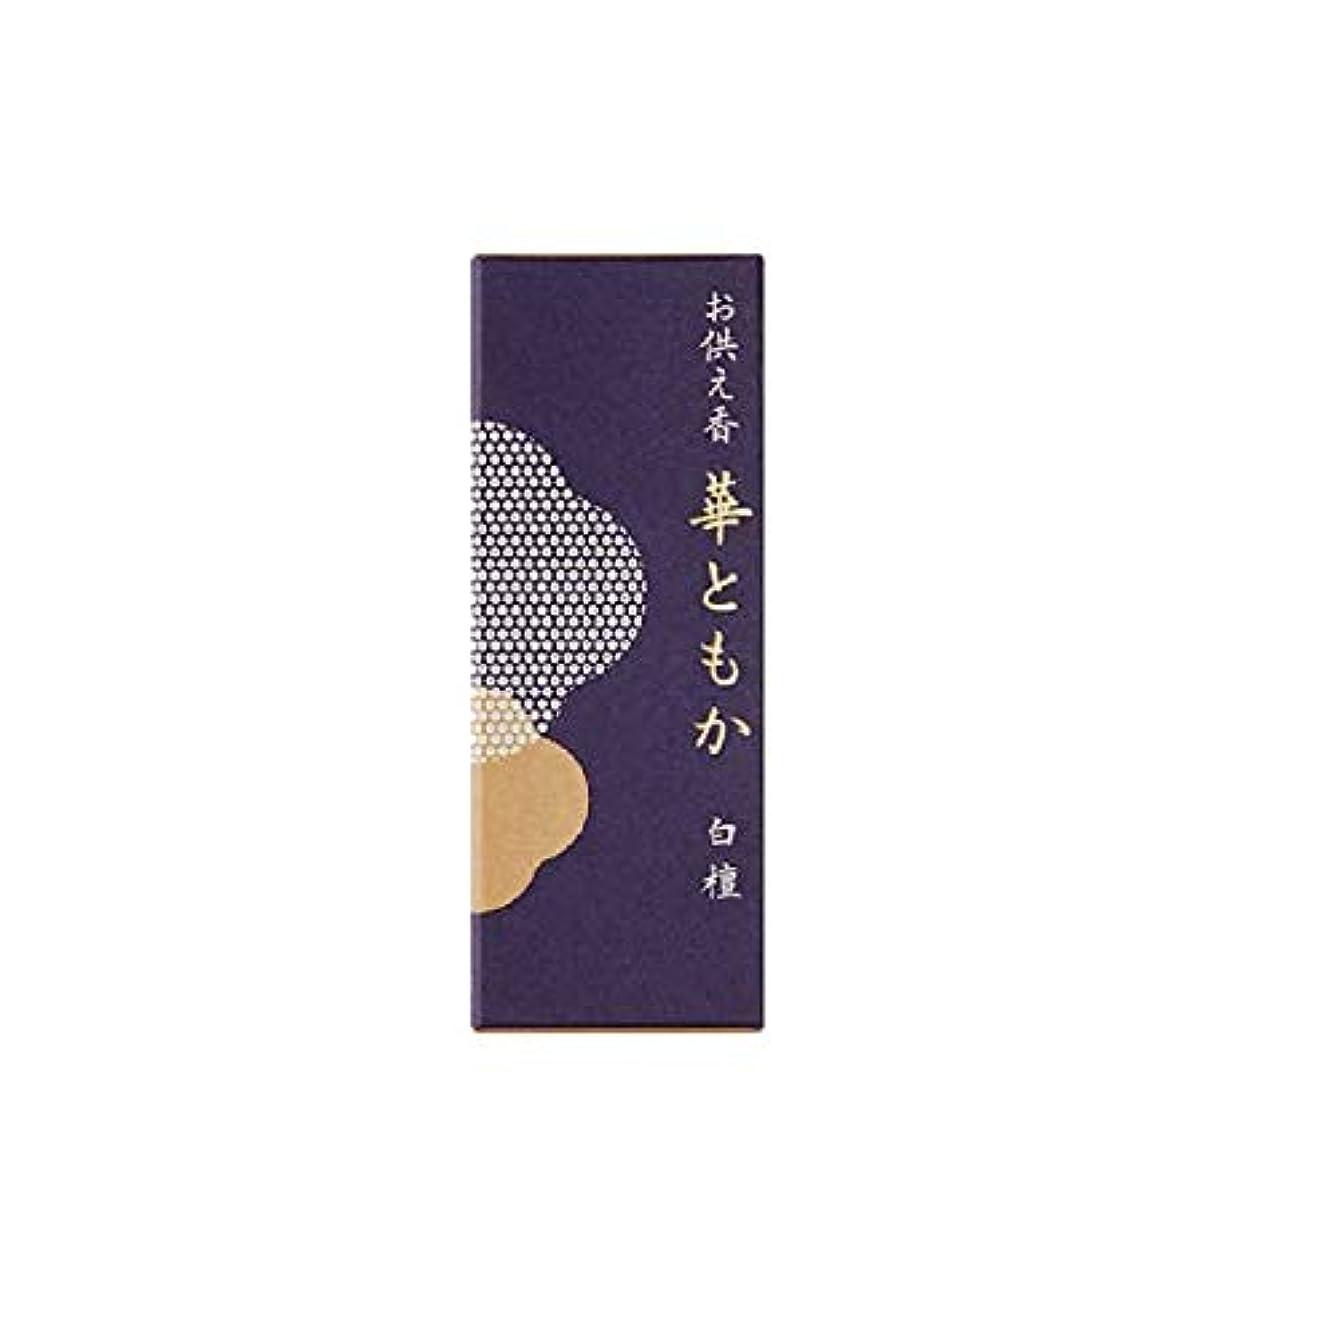 く盲目かすかなお供え香 華ともか 補充用香料 白檀の香り